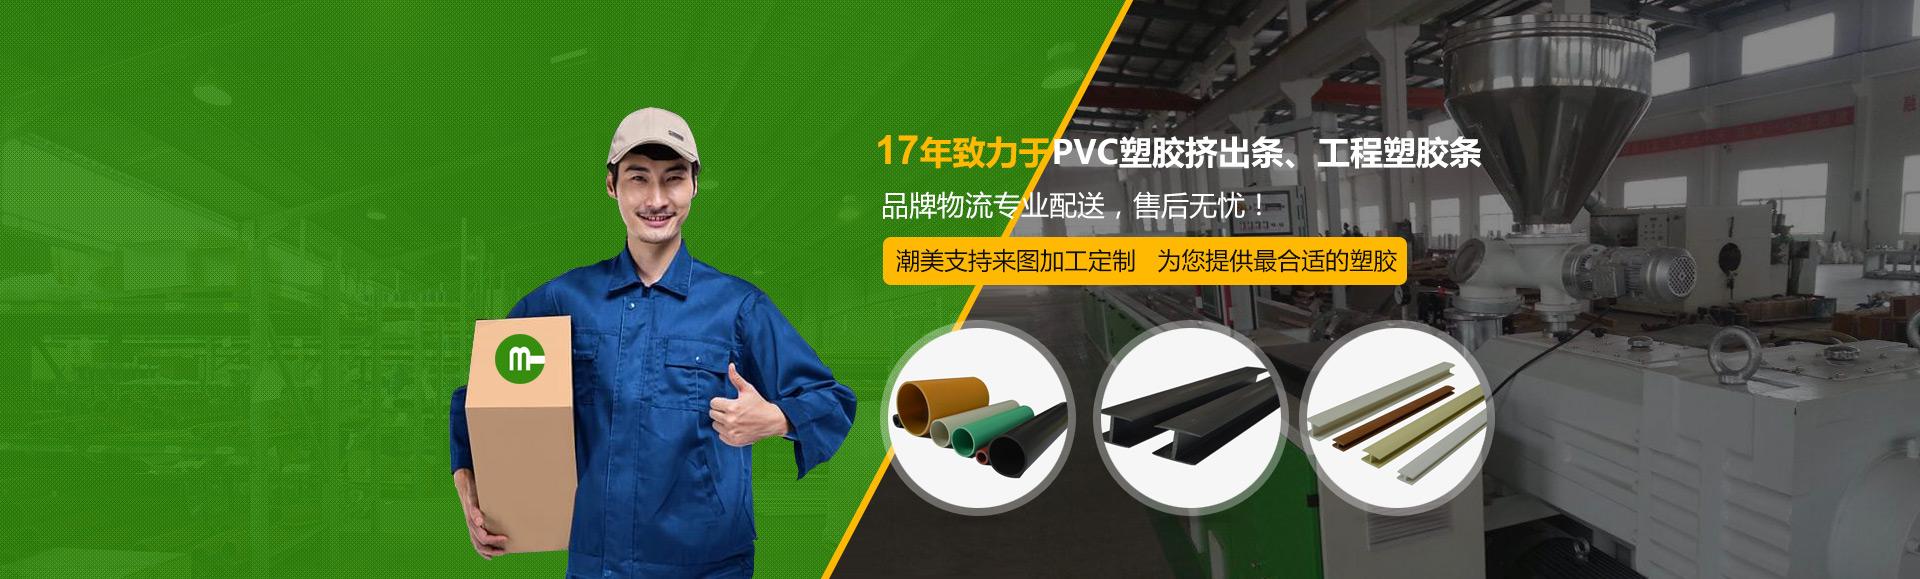 塑膠異型材廠家-PVC異型材-塑膠異型材-東(dong)莞市潮美(mei)塑膠制品有限公司(si)